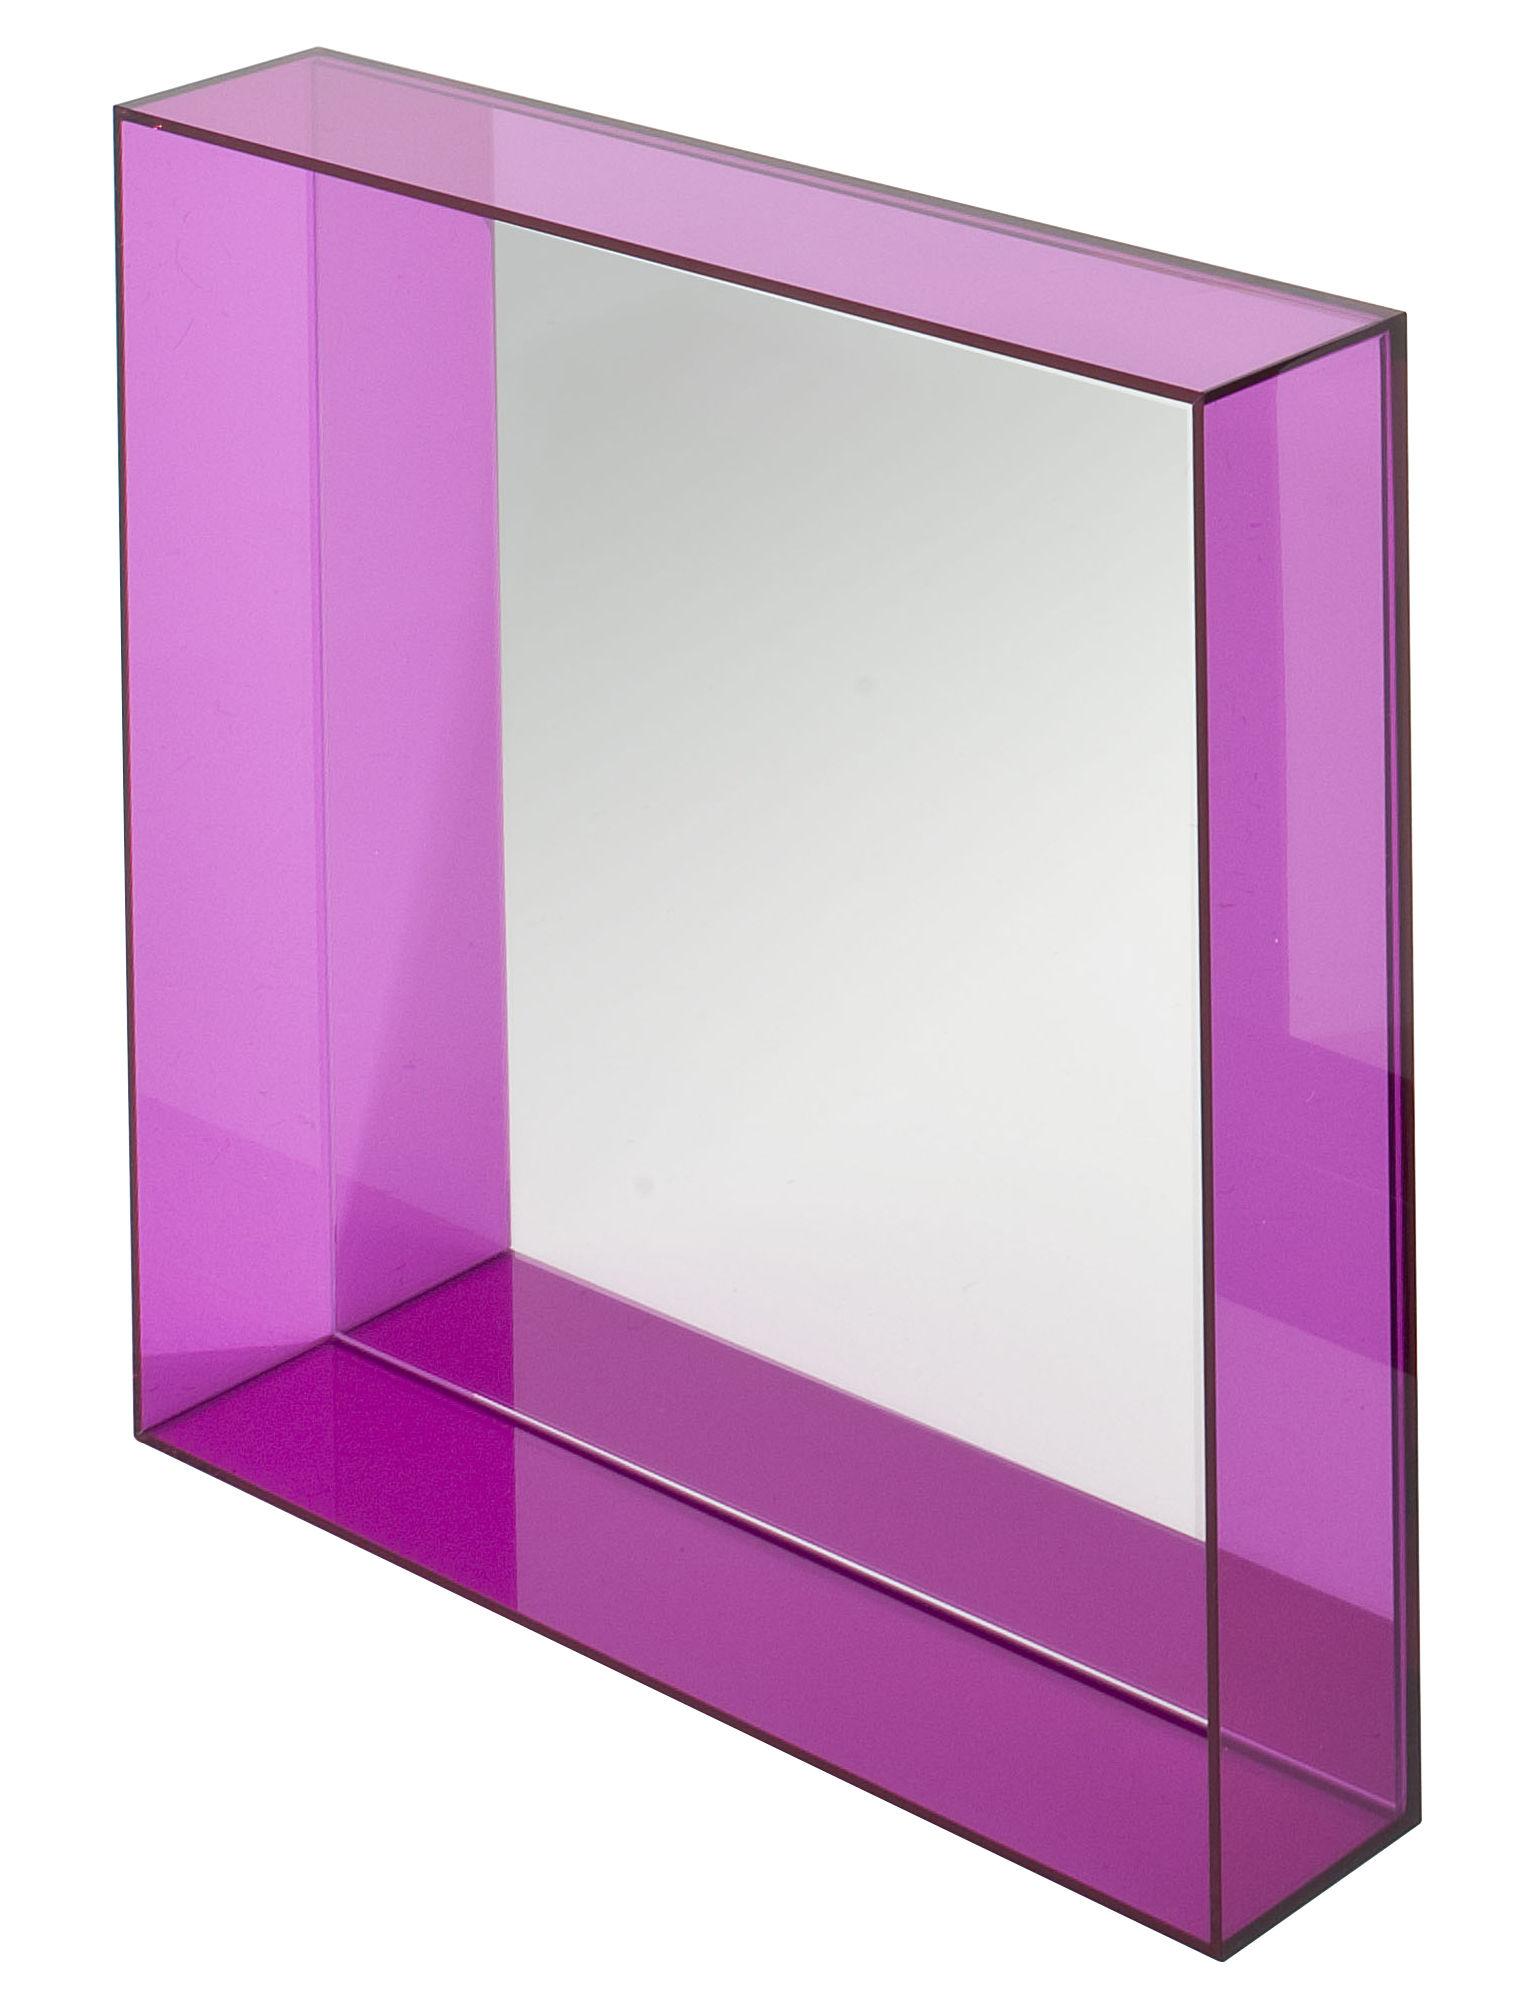 Miroir only me l 50 x h 50 cm fuchsia kartell for Miroir convexe 50 cm